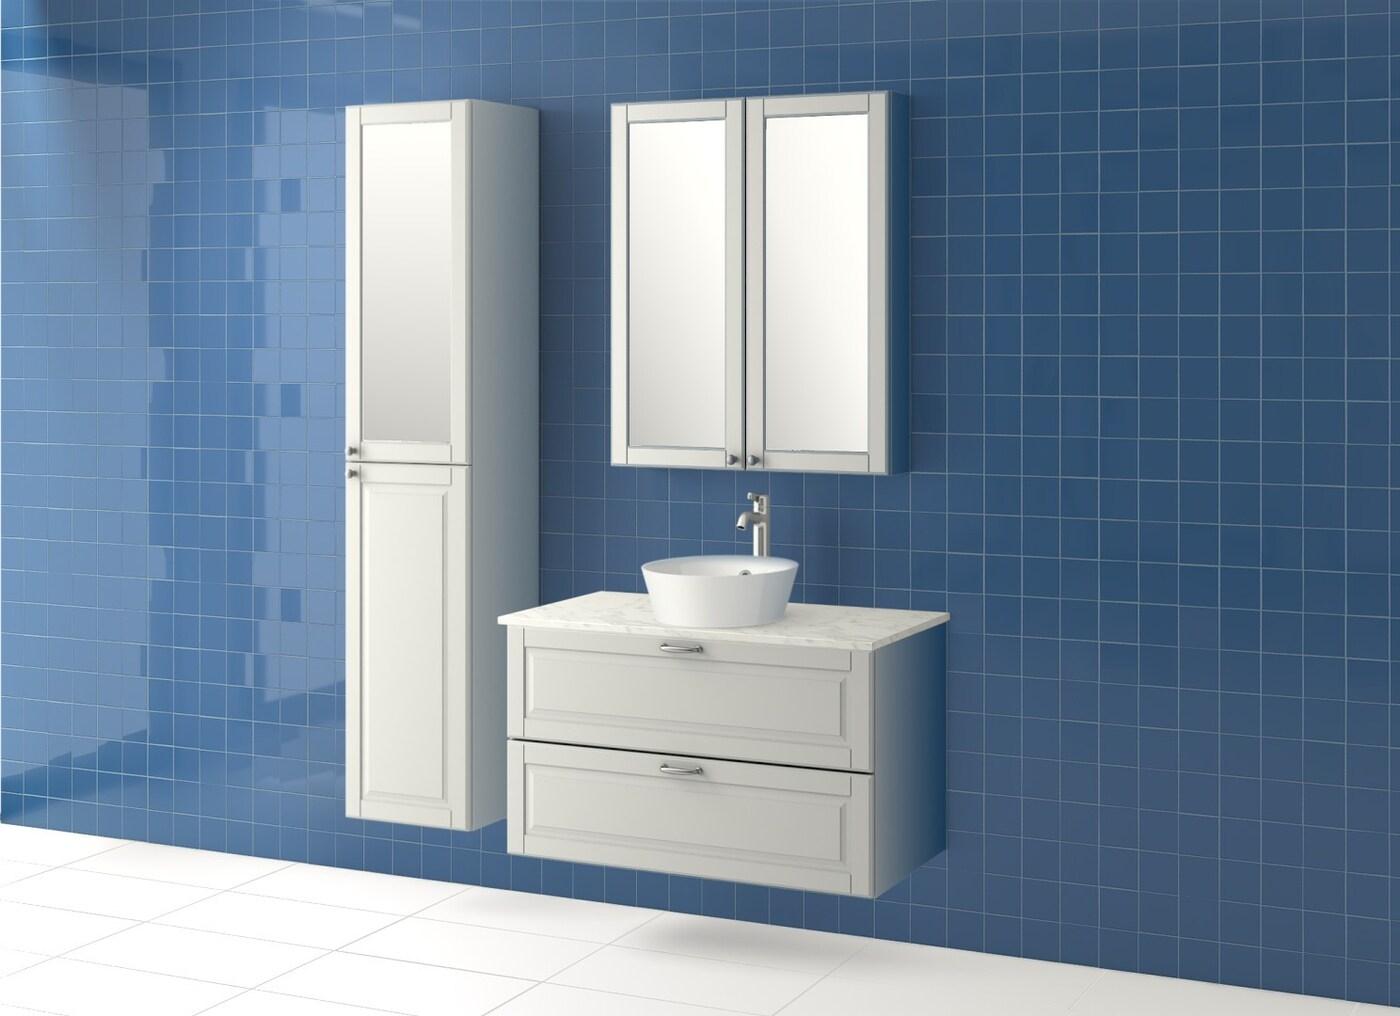 Meubles de salle de bain et Décoration IKEA